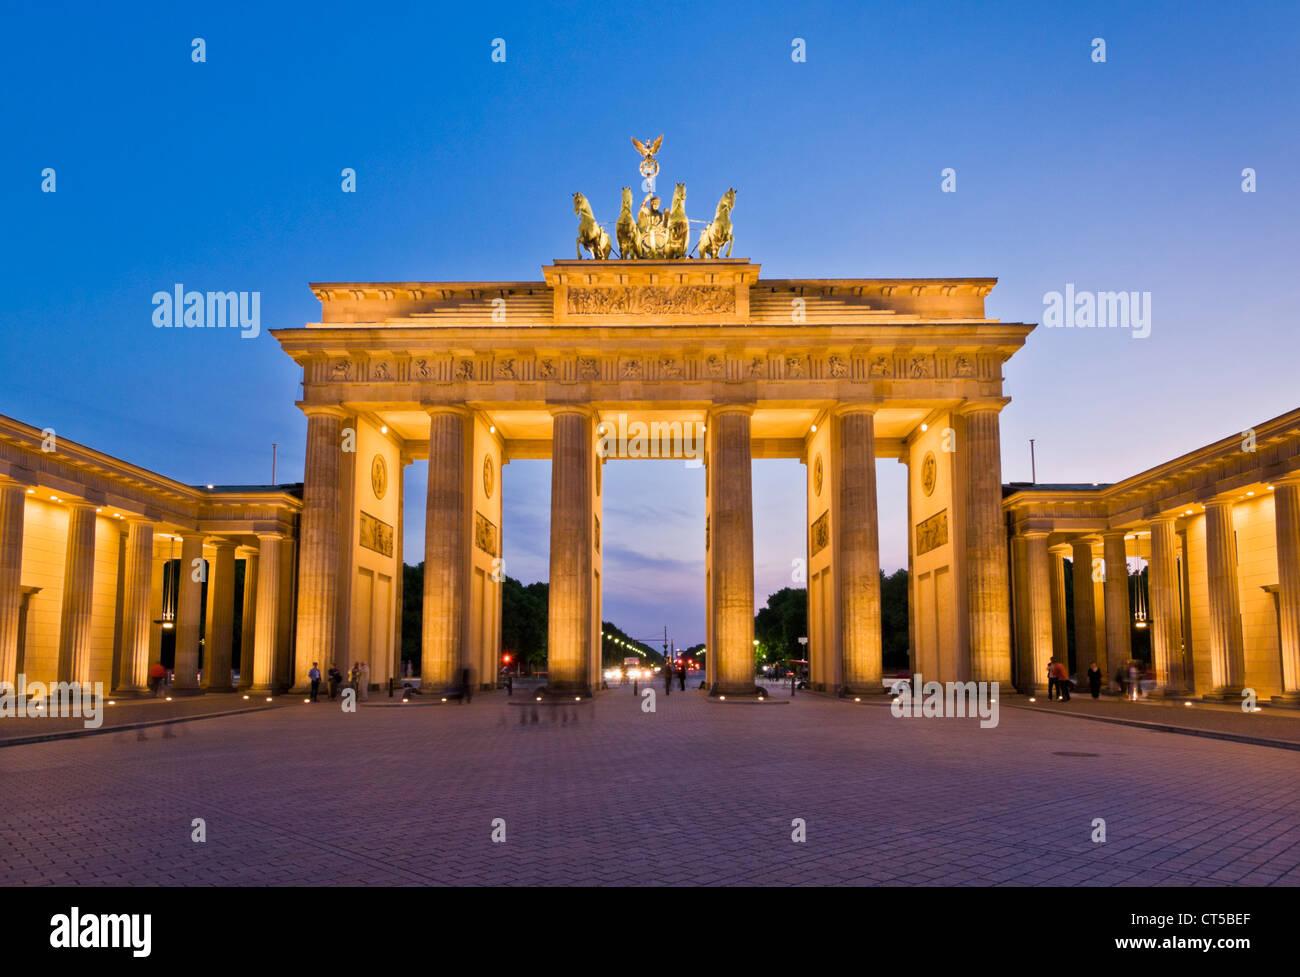 Porta di Brandeburgo Pariser Platz con la Quadriga alato statua in cima al tramonto il centro di Berlino Germania Immagini Stock